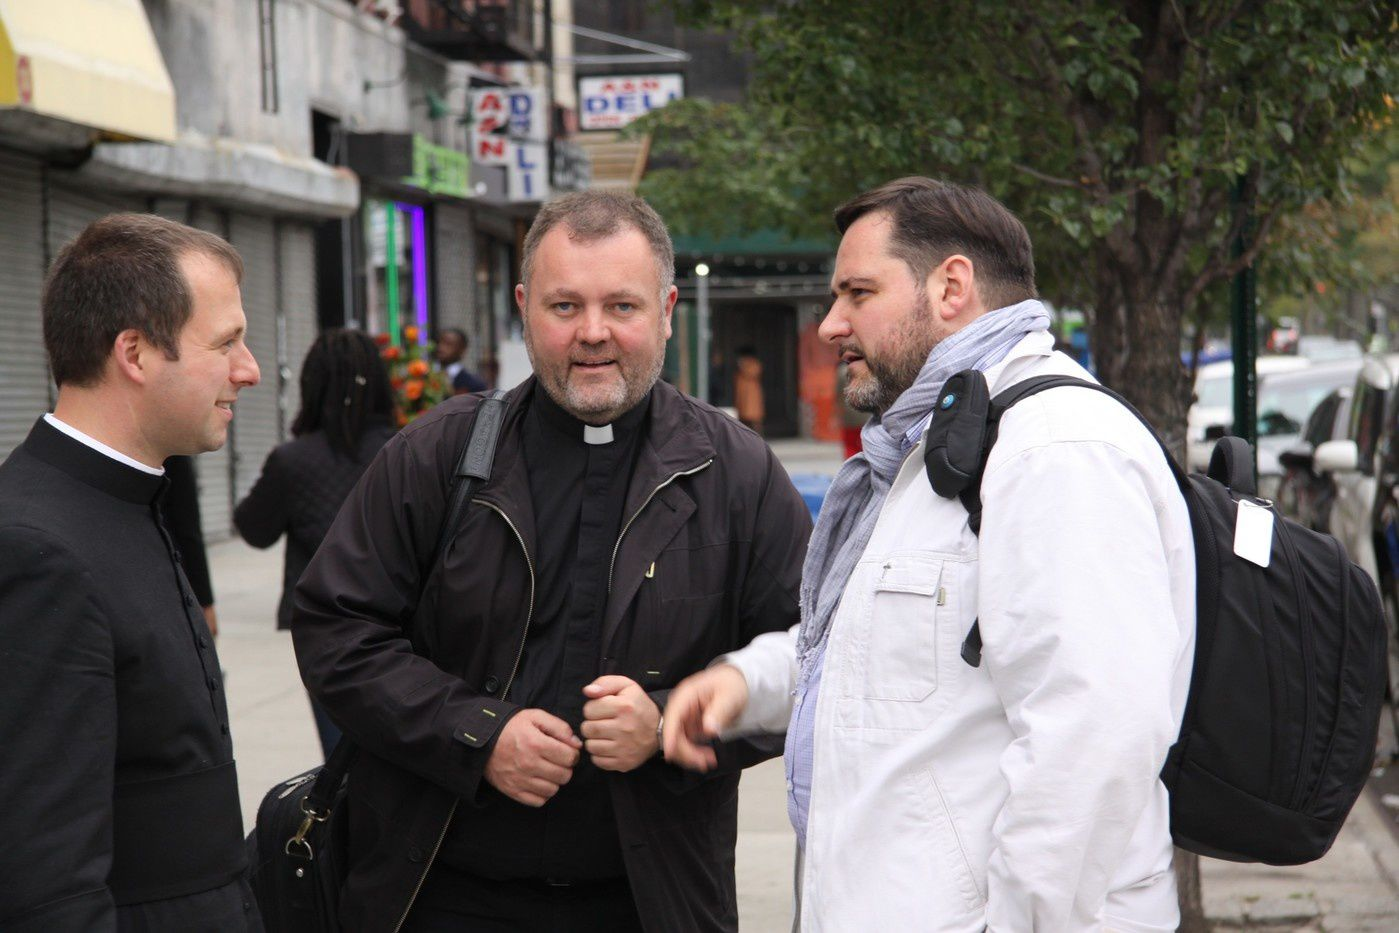 Des prêtres de notre diocèse y participent régulièrement